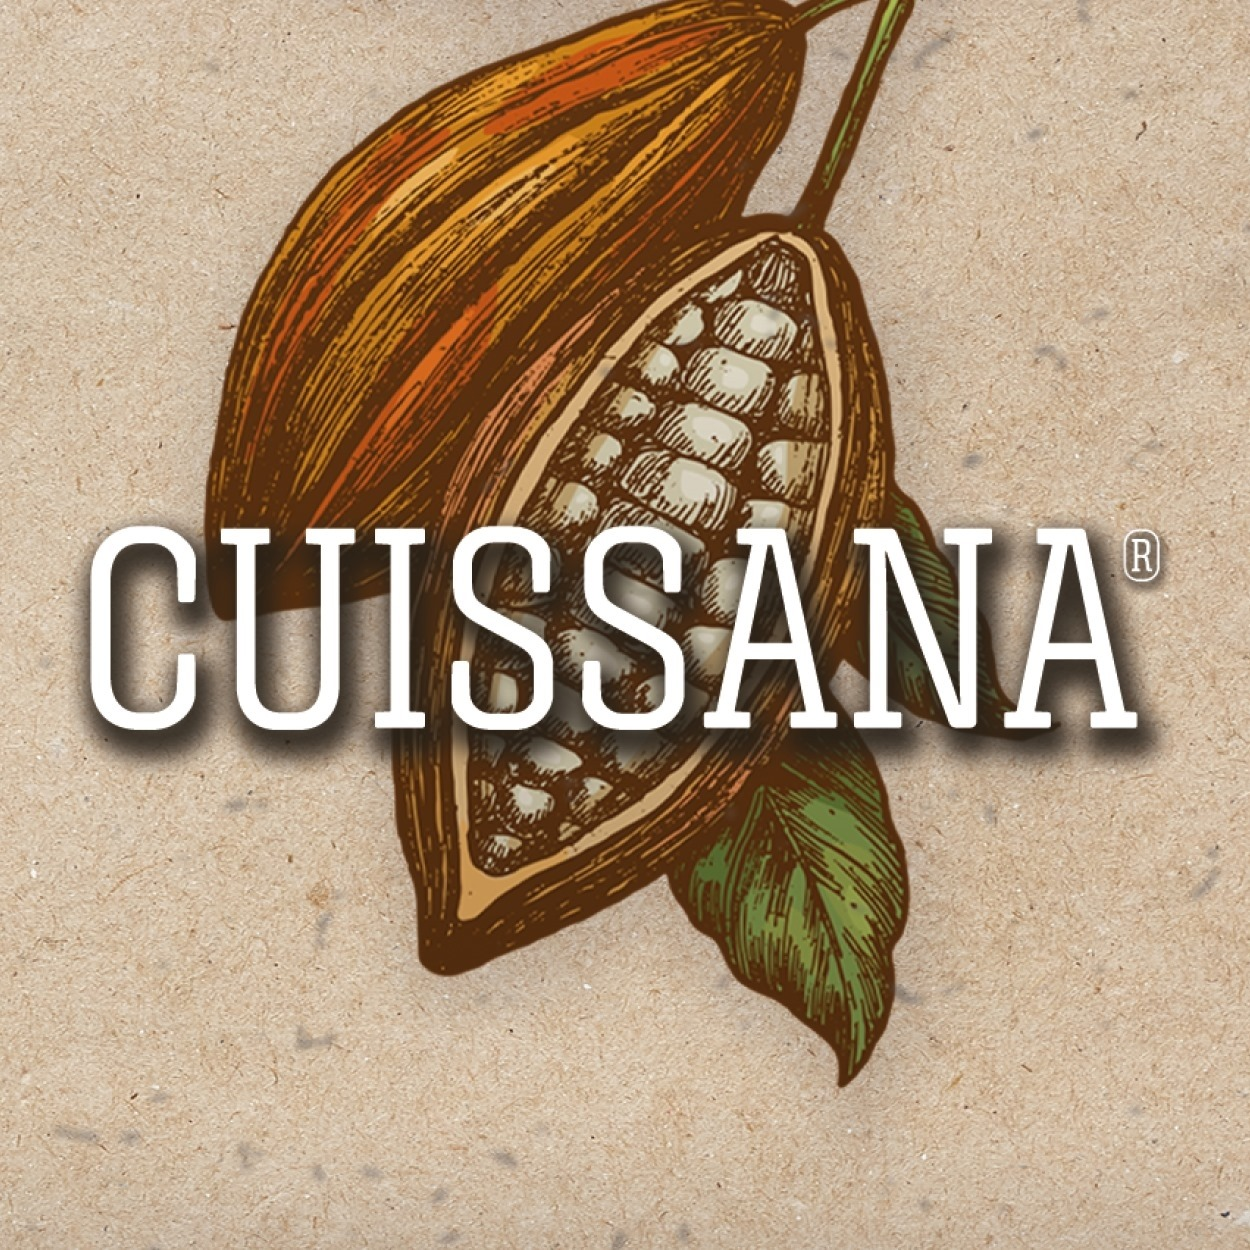 Cuissana